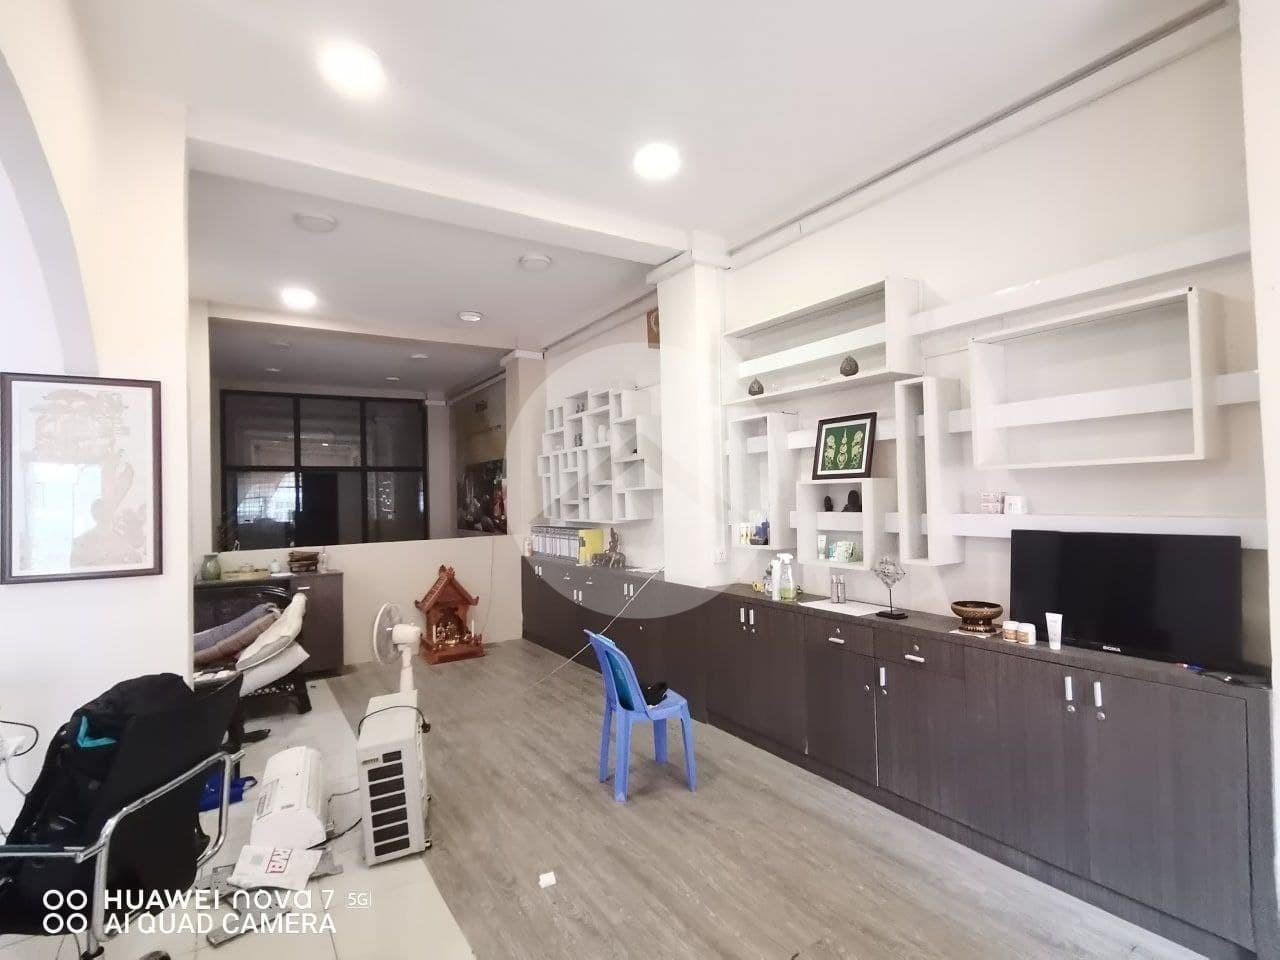 10 Bedroom Commercial Villa For Rent - BKK1, Phnom Penh